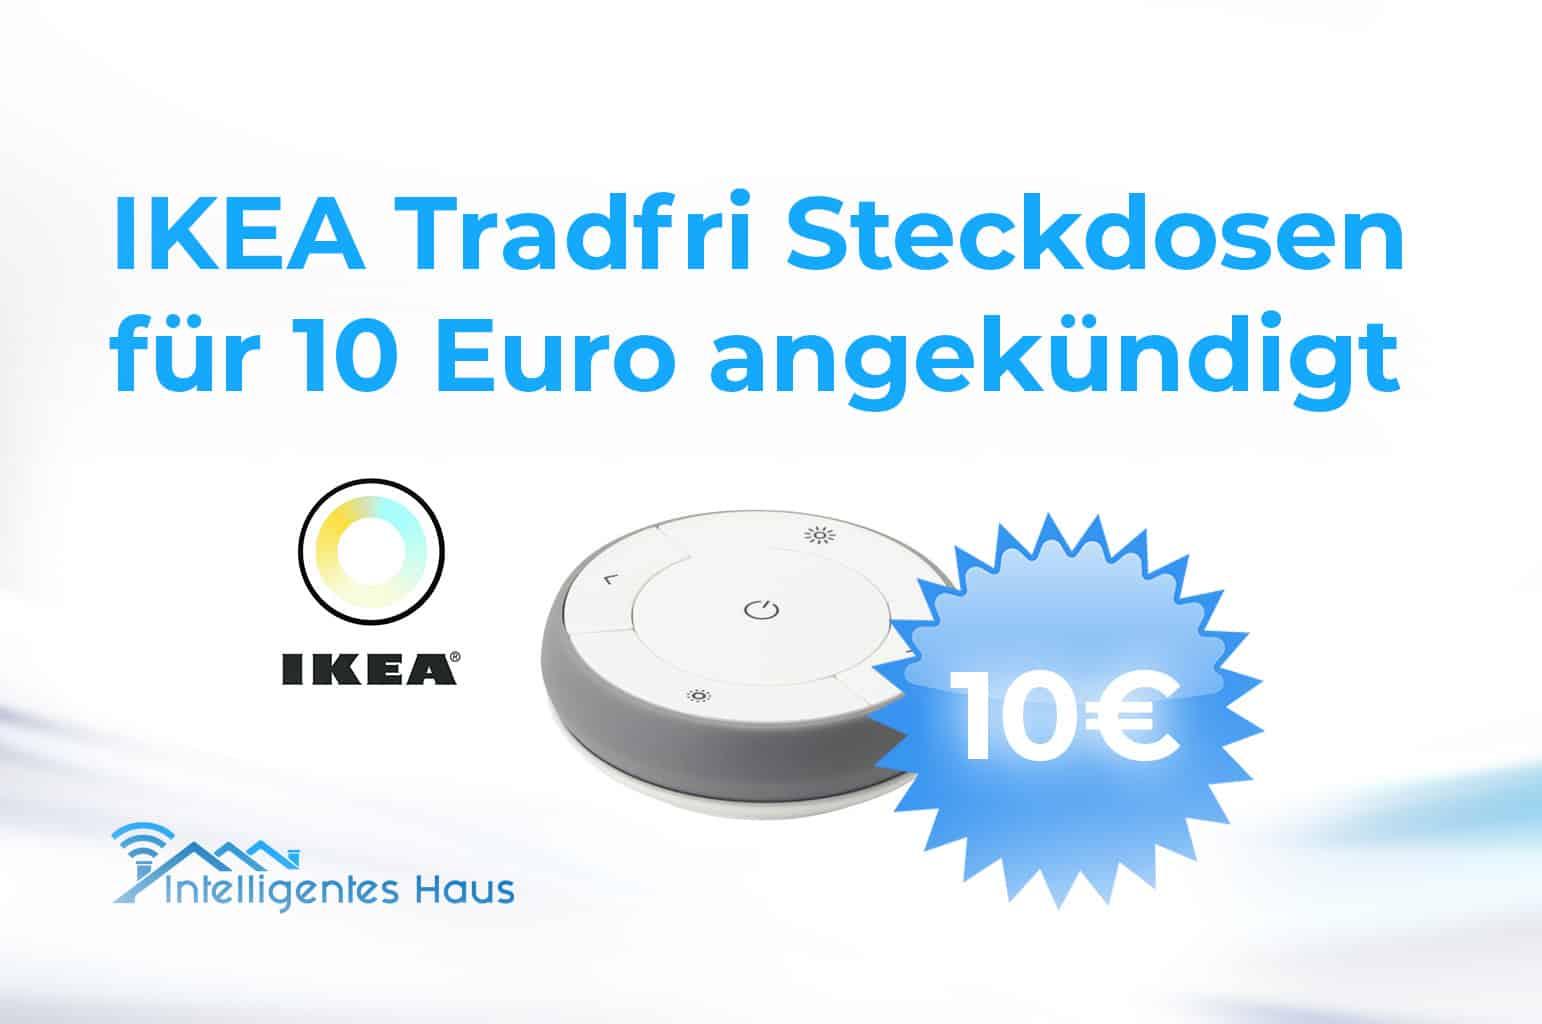 smarte steckdose von ikea tradfri soll f r 10 euro auf den markt kommen. Black Bedroom Furniture Sets. Home Design Ideas